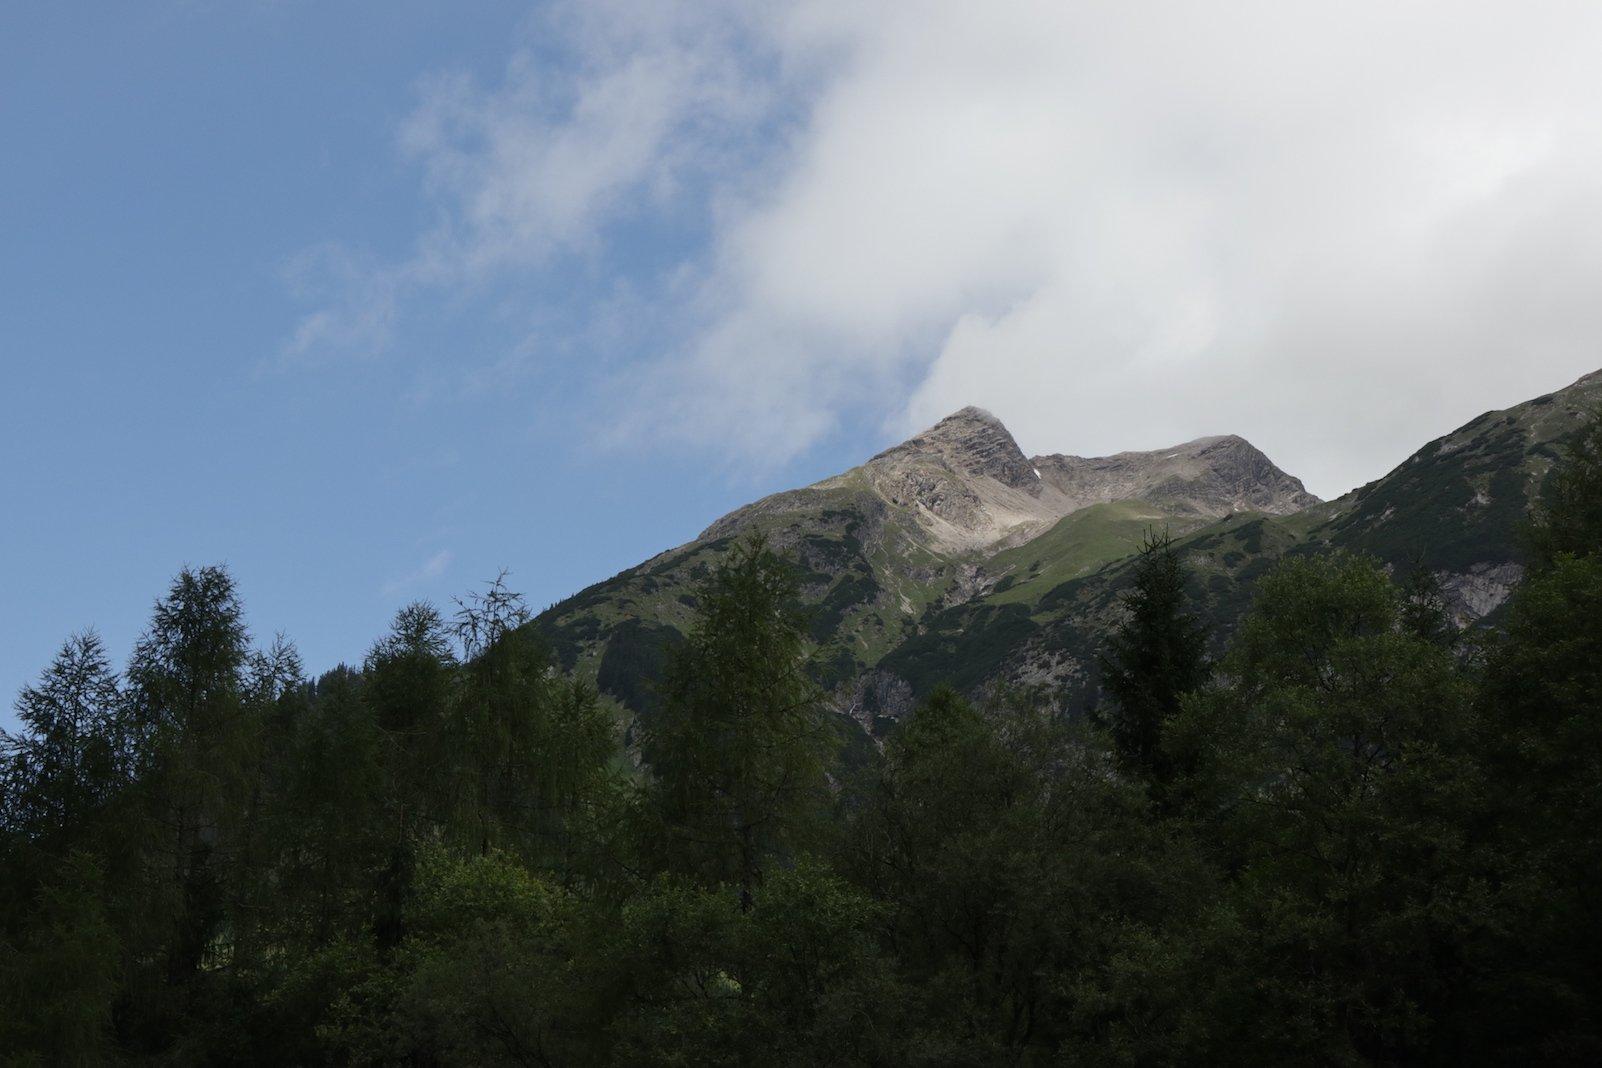 Der Himmel wird immer blauer während unserer Wanderung auf der Lechschleife...